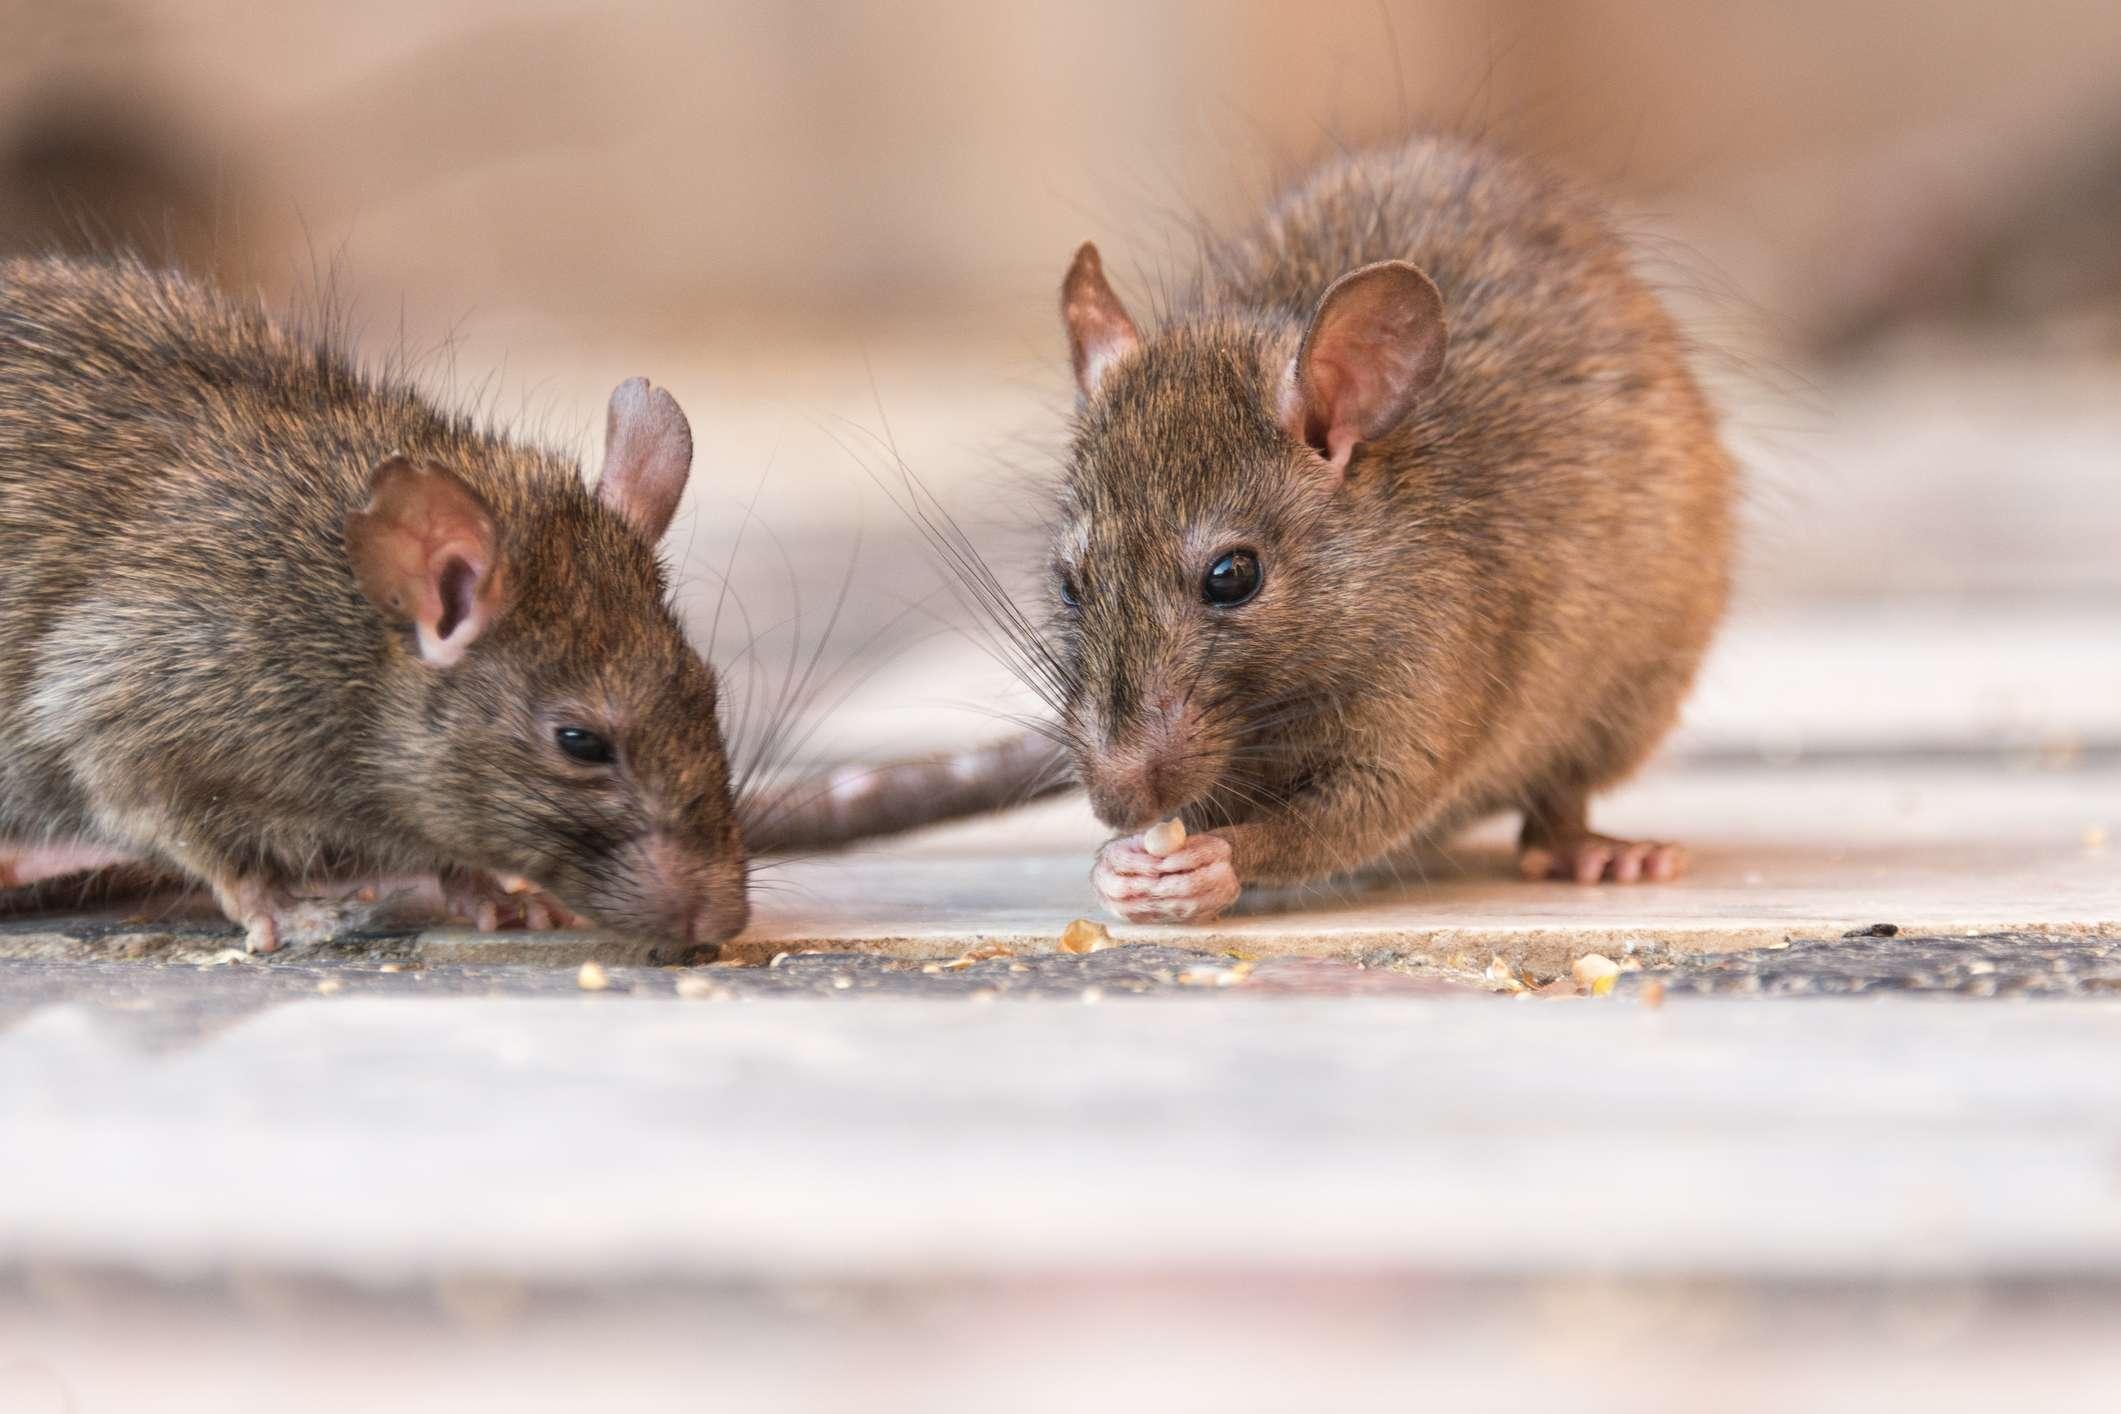 Rotter som spiser - kjøp råte- og skadedyrsforsikring i Frende